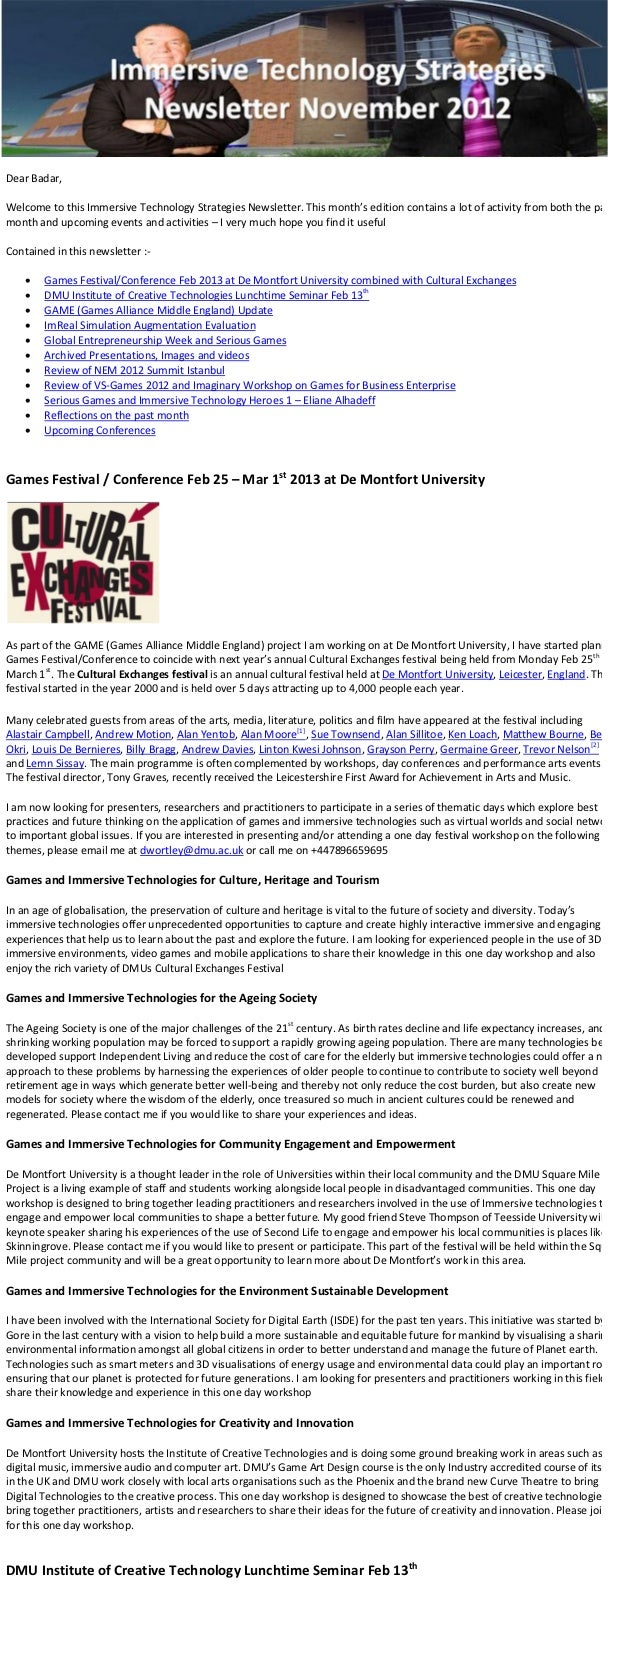 Immersive Technology Strategies Nov 2012 e-Newsletter